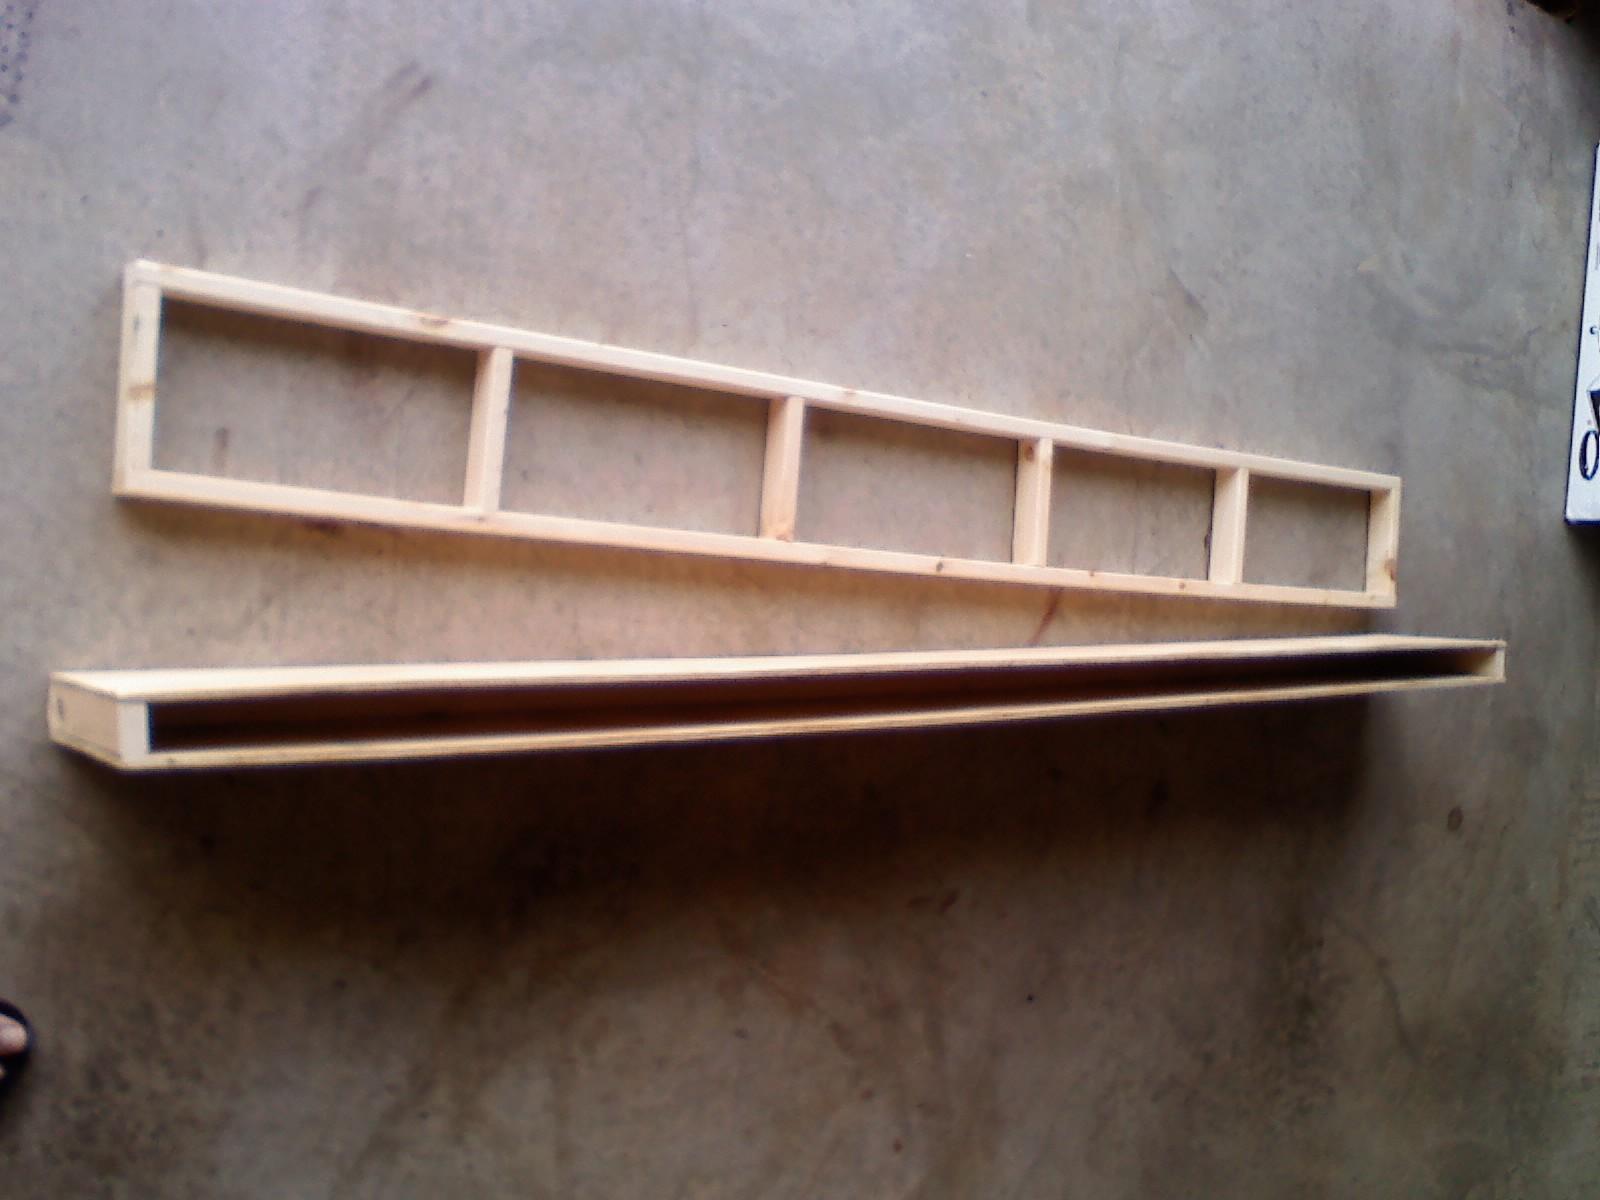 Workman Witticisms: DIY Floating Shelves